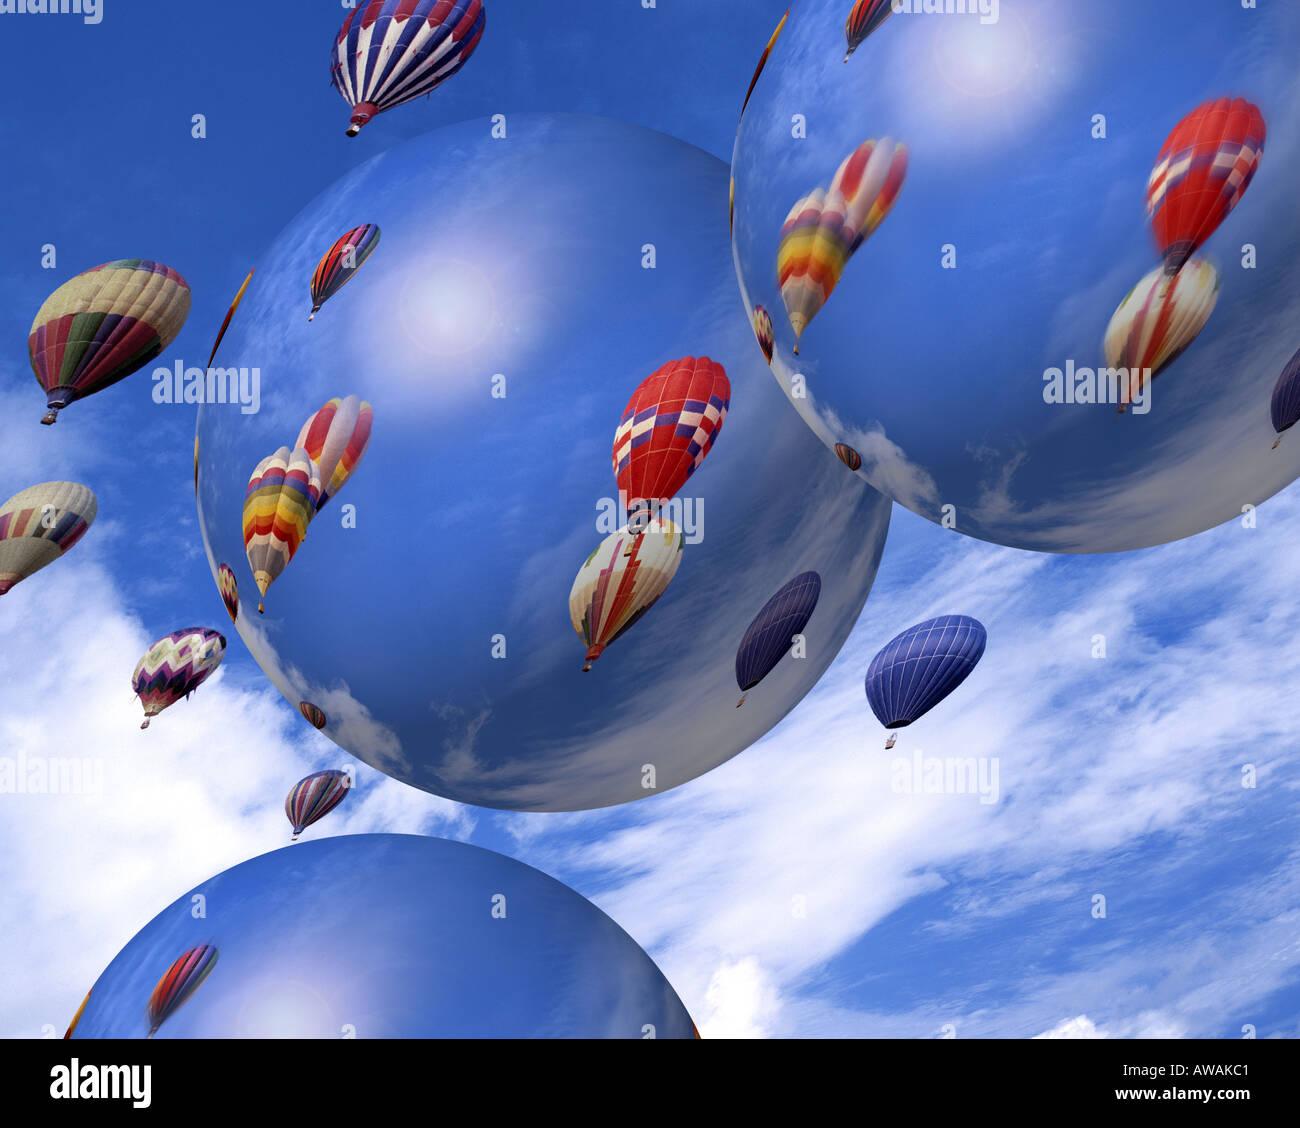 Concepto digital: los globos de aire caliente Imagen De Stock